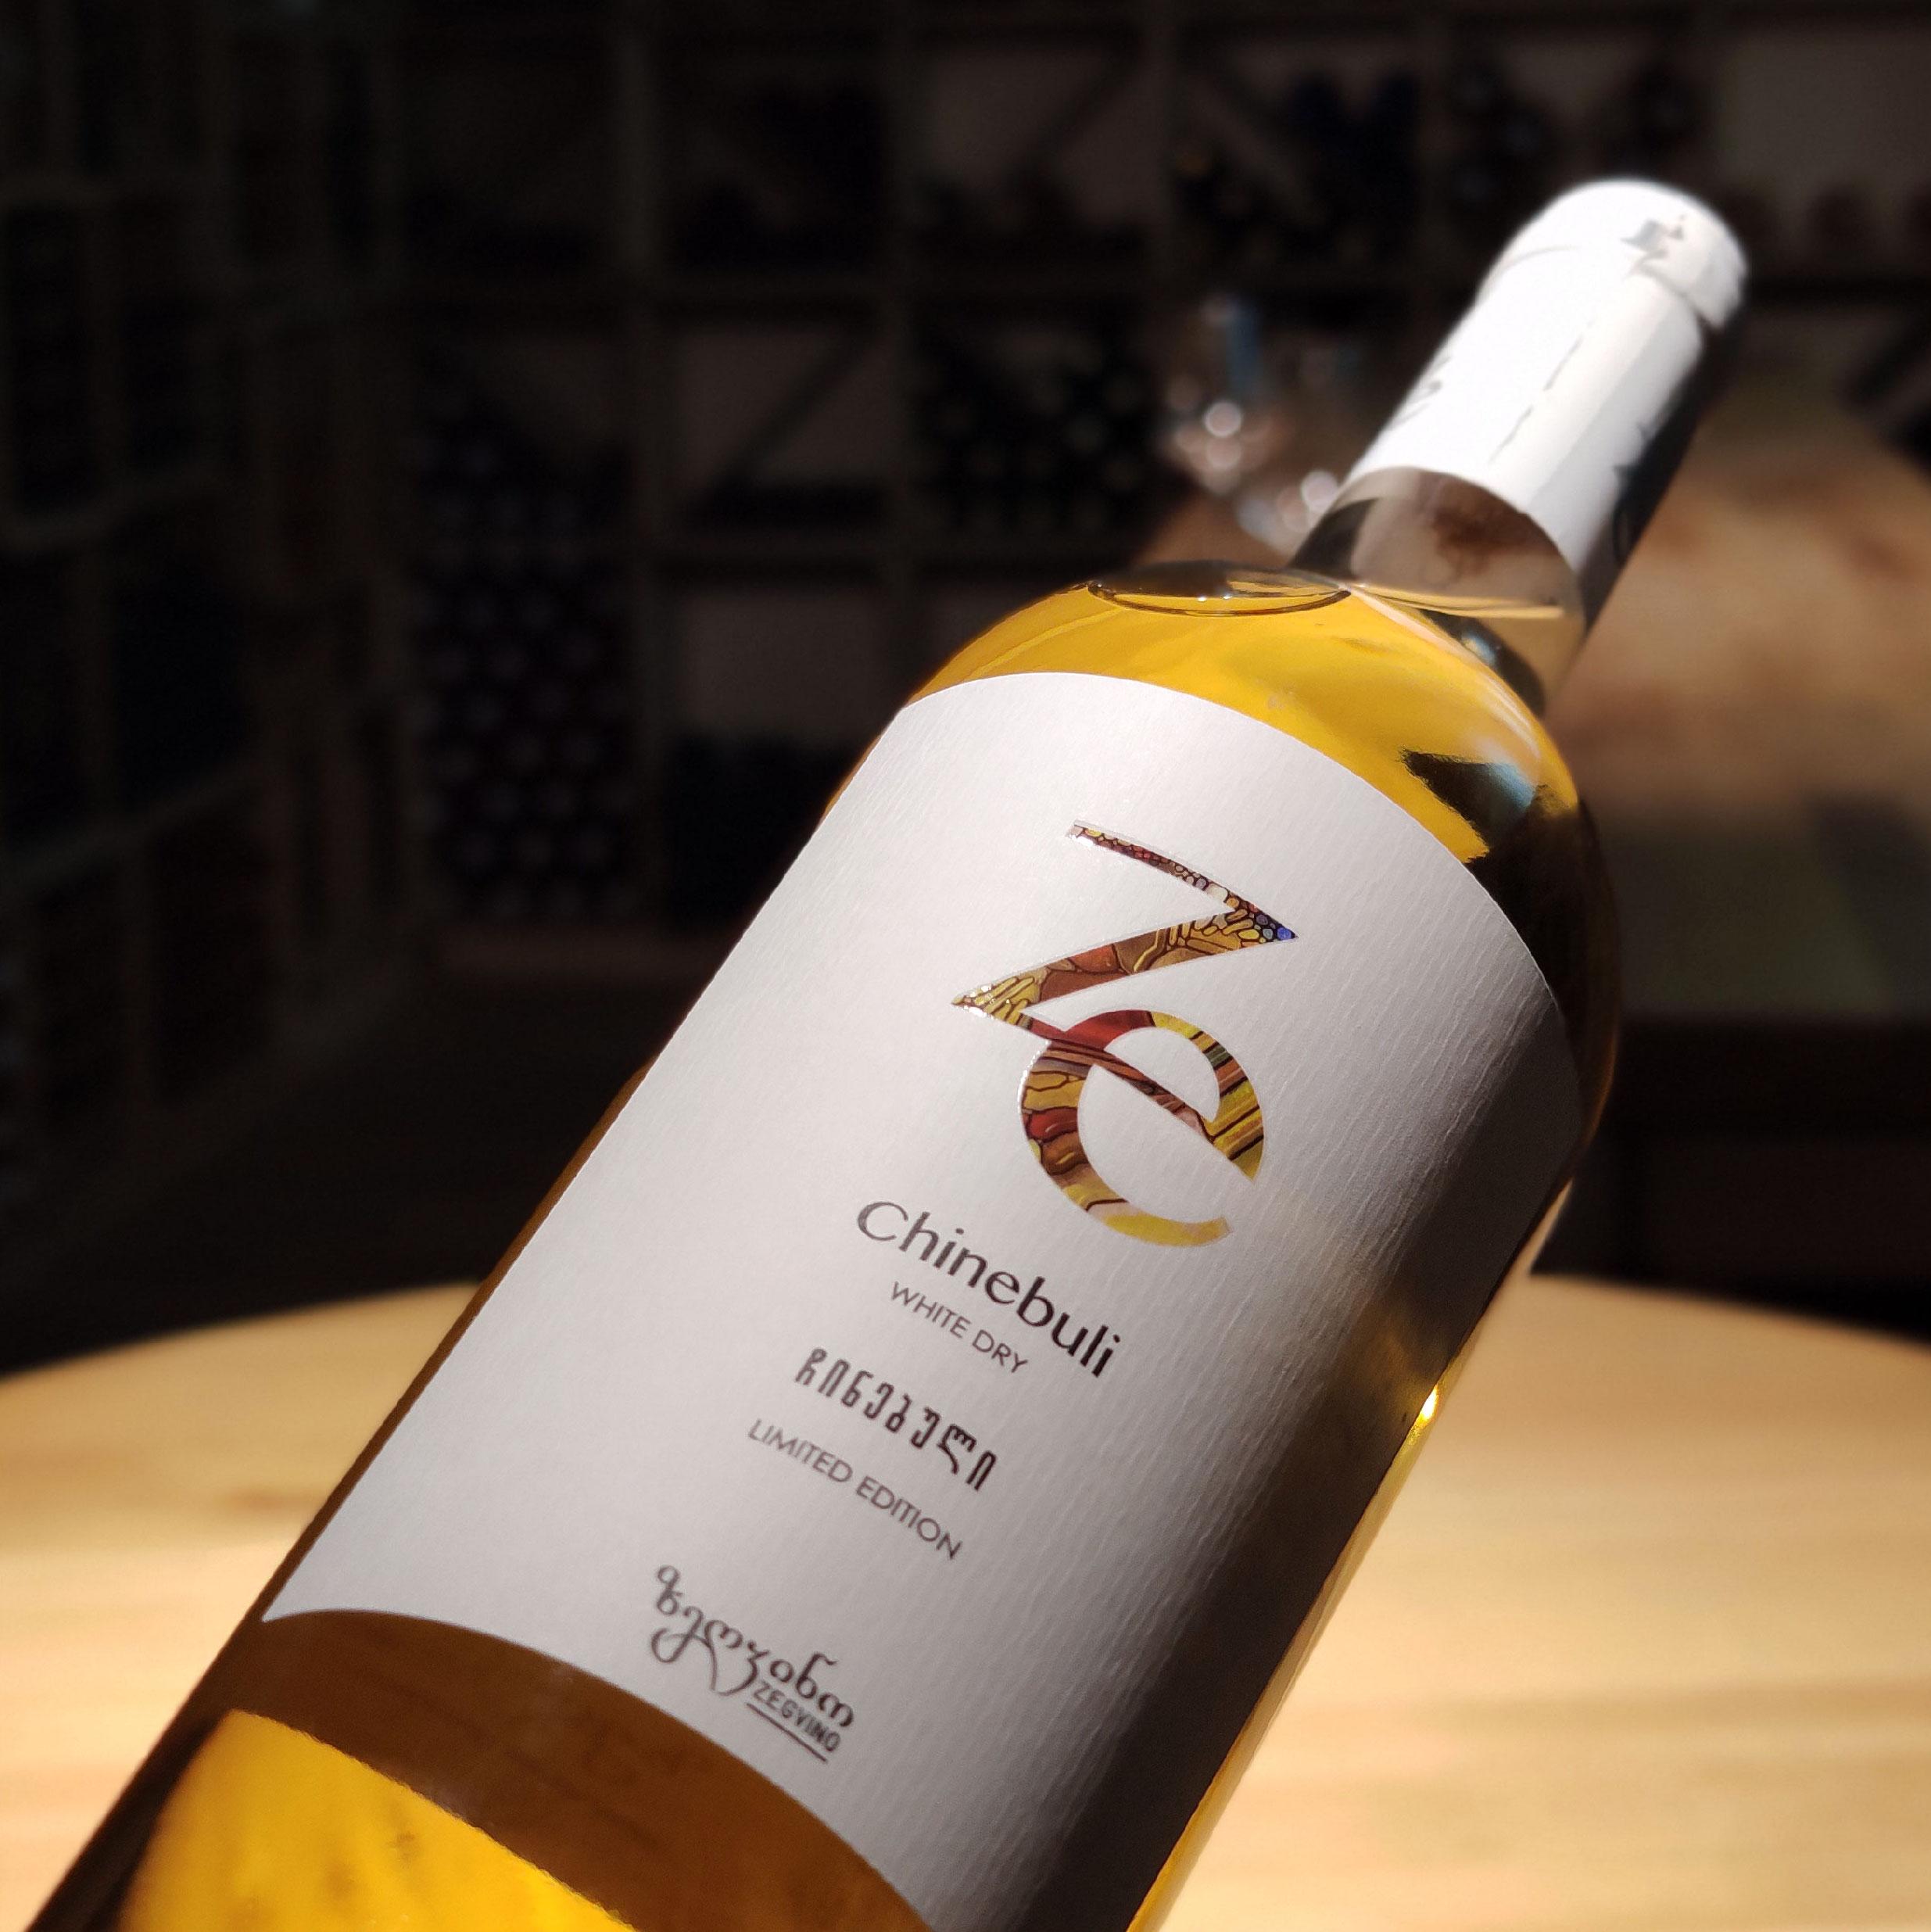 Ze Чинэбули 2019 от ZeGvino